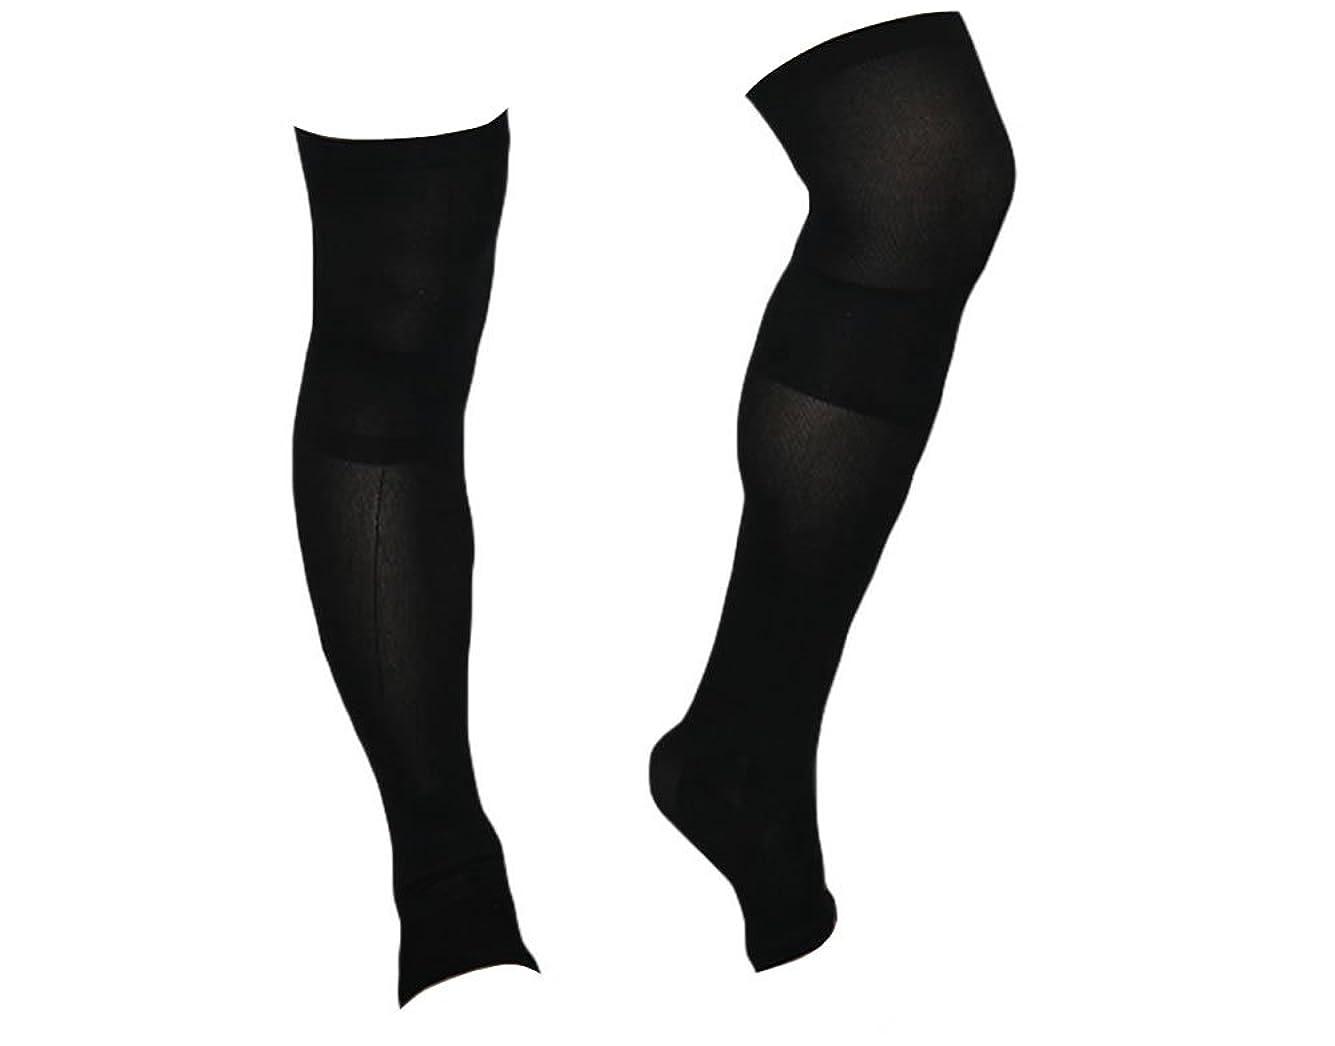 区画段階グリップ着圧ソックス スパルタックス メンズ 加圧 ソックス 靴下 男性用 (ひざ上丈)